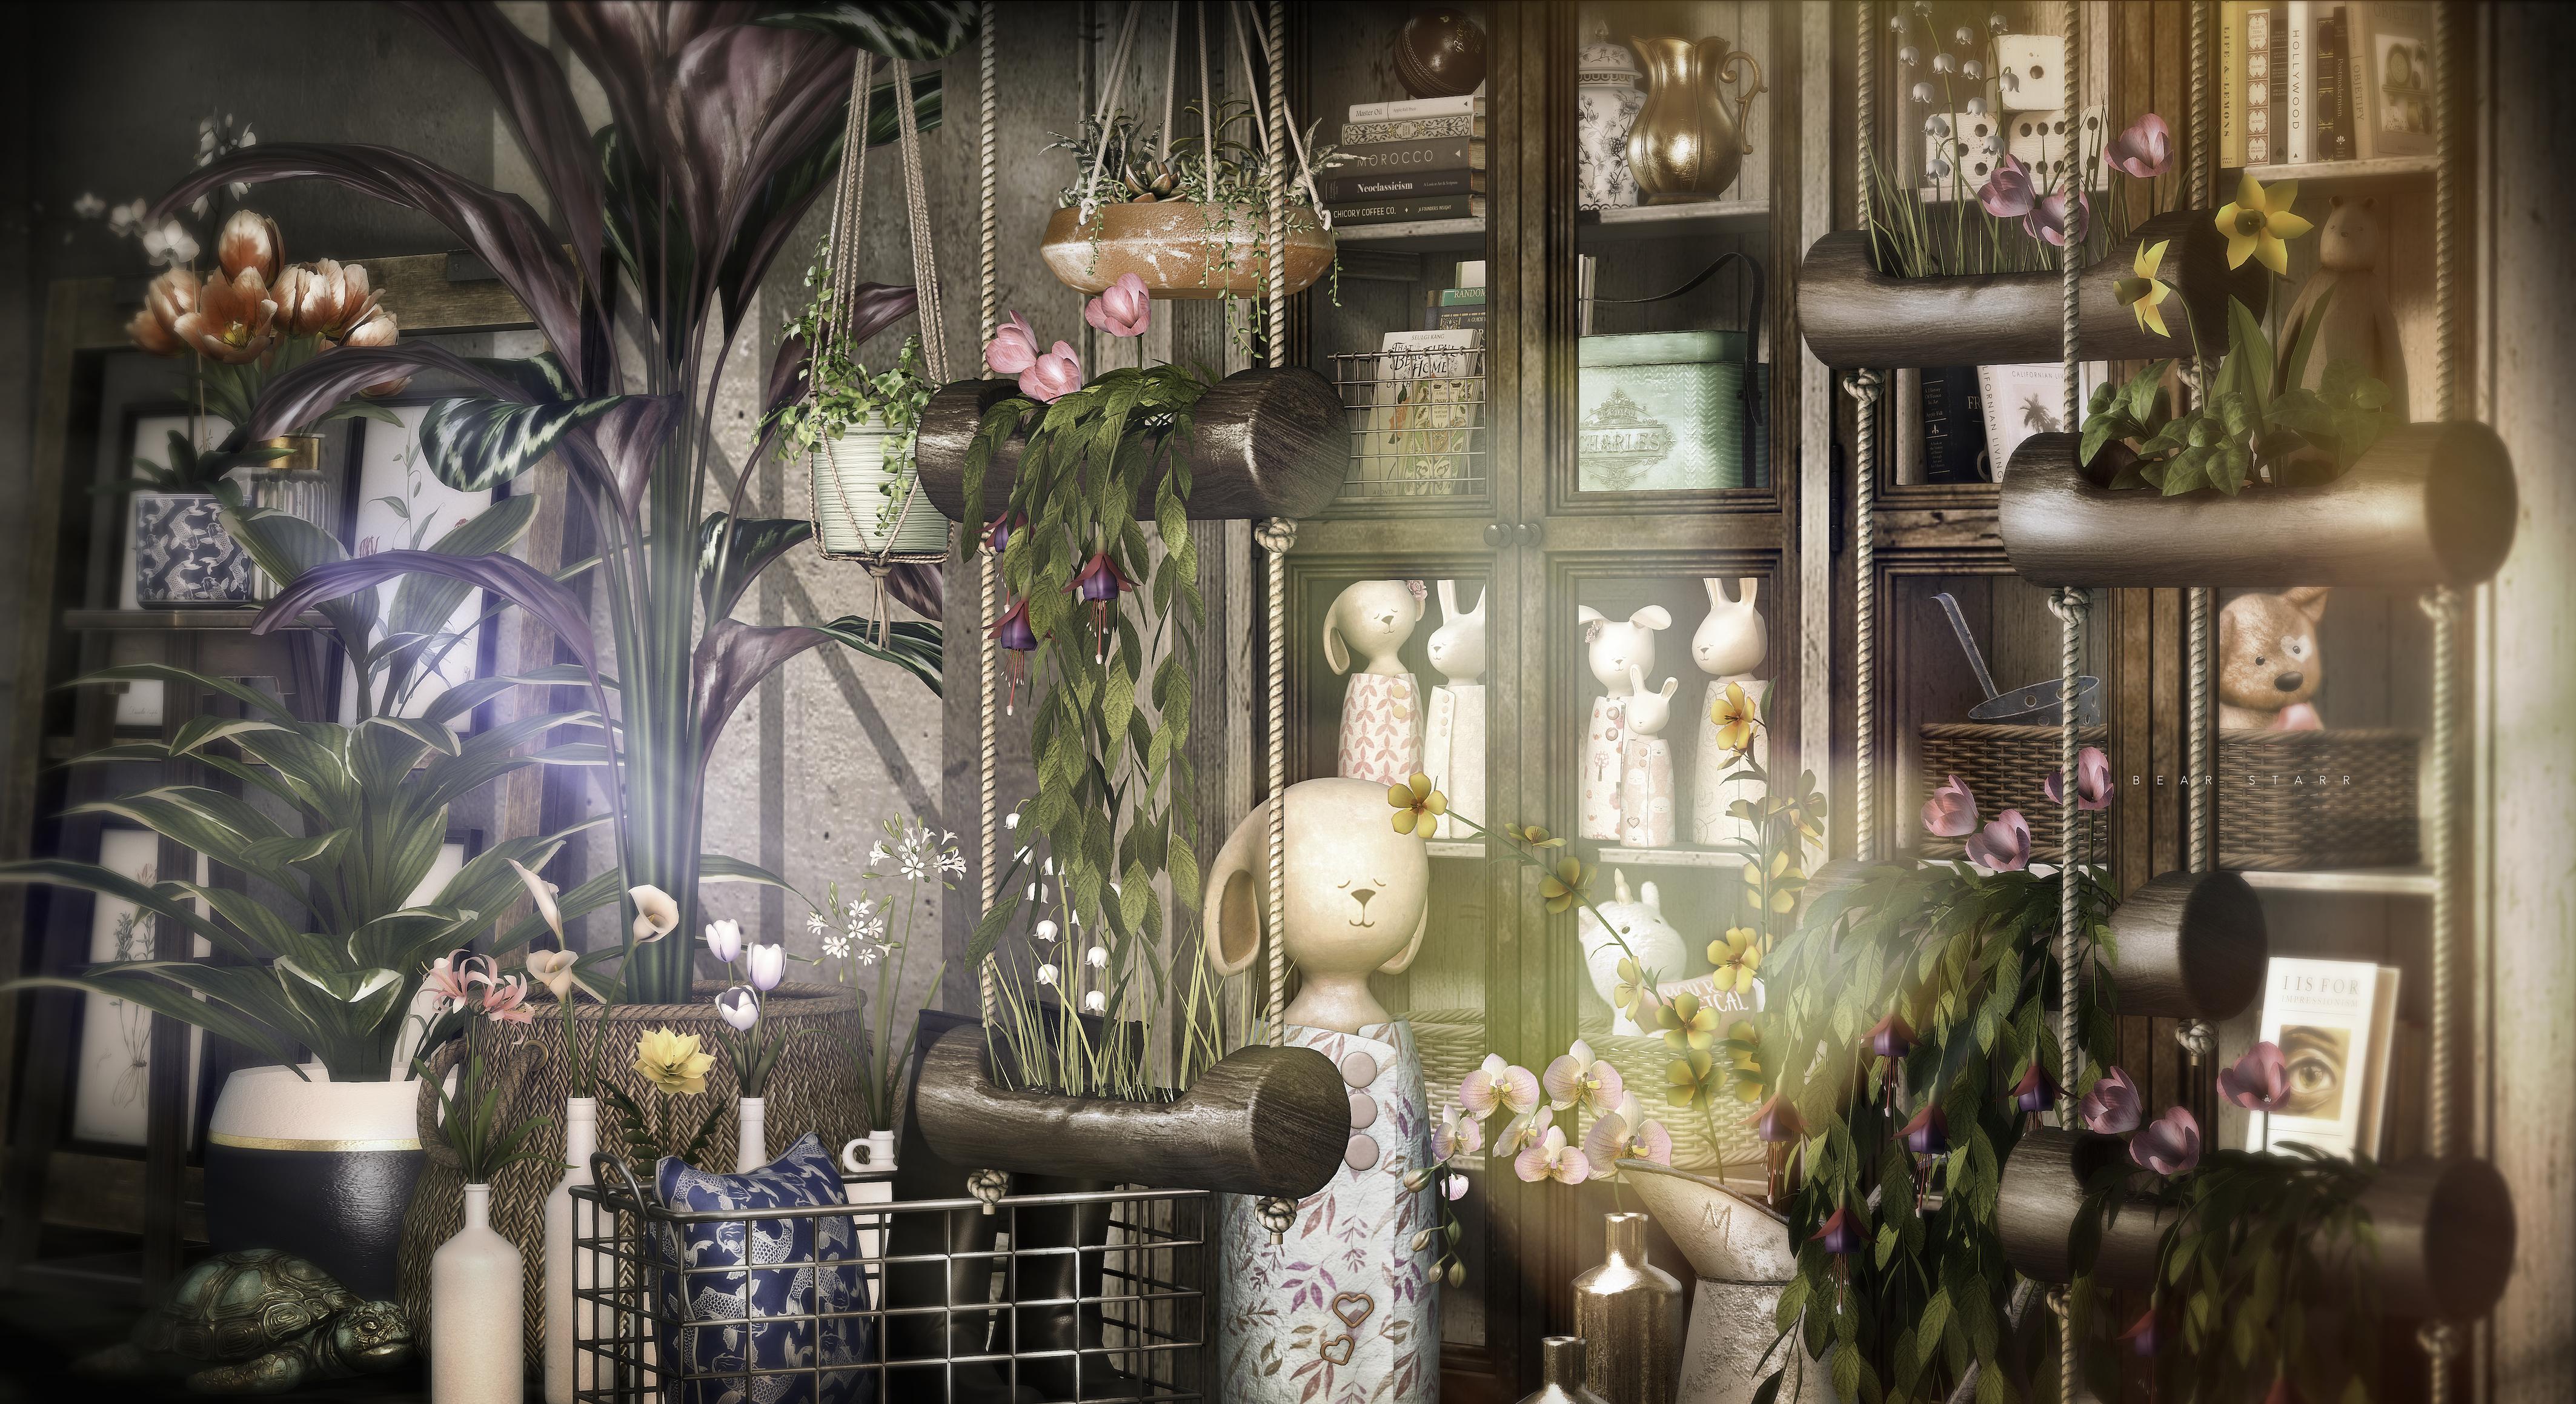 Serenity Bunny_FINAL copy